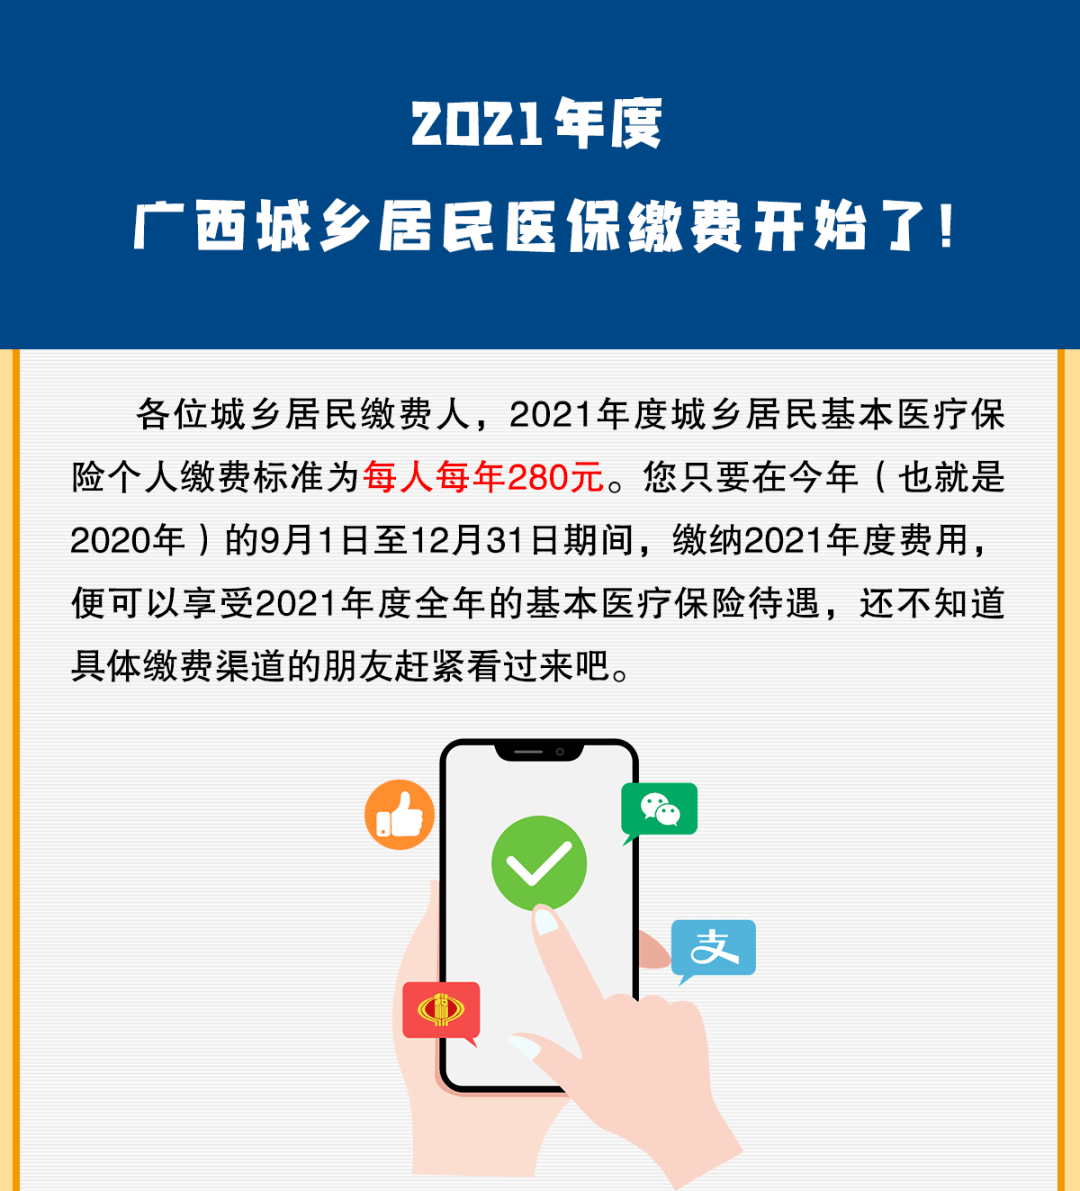 环江人!2021年度广西城乡居民医保缴费开始了!